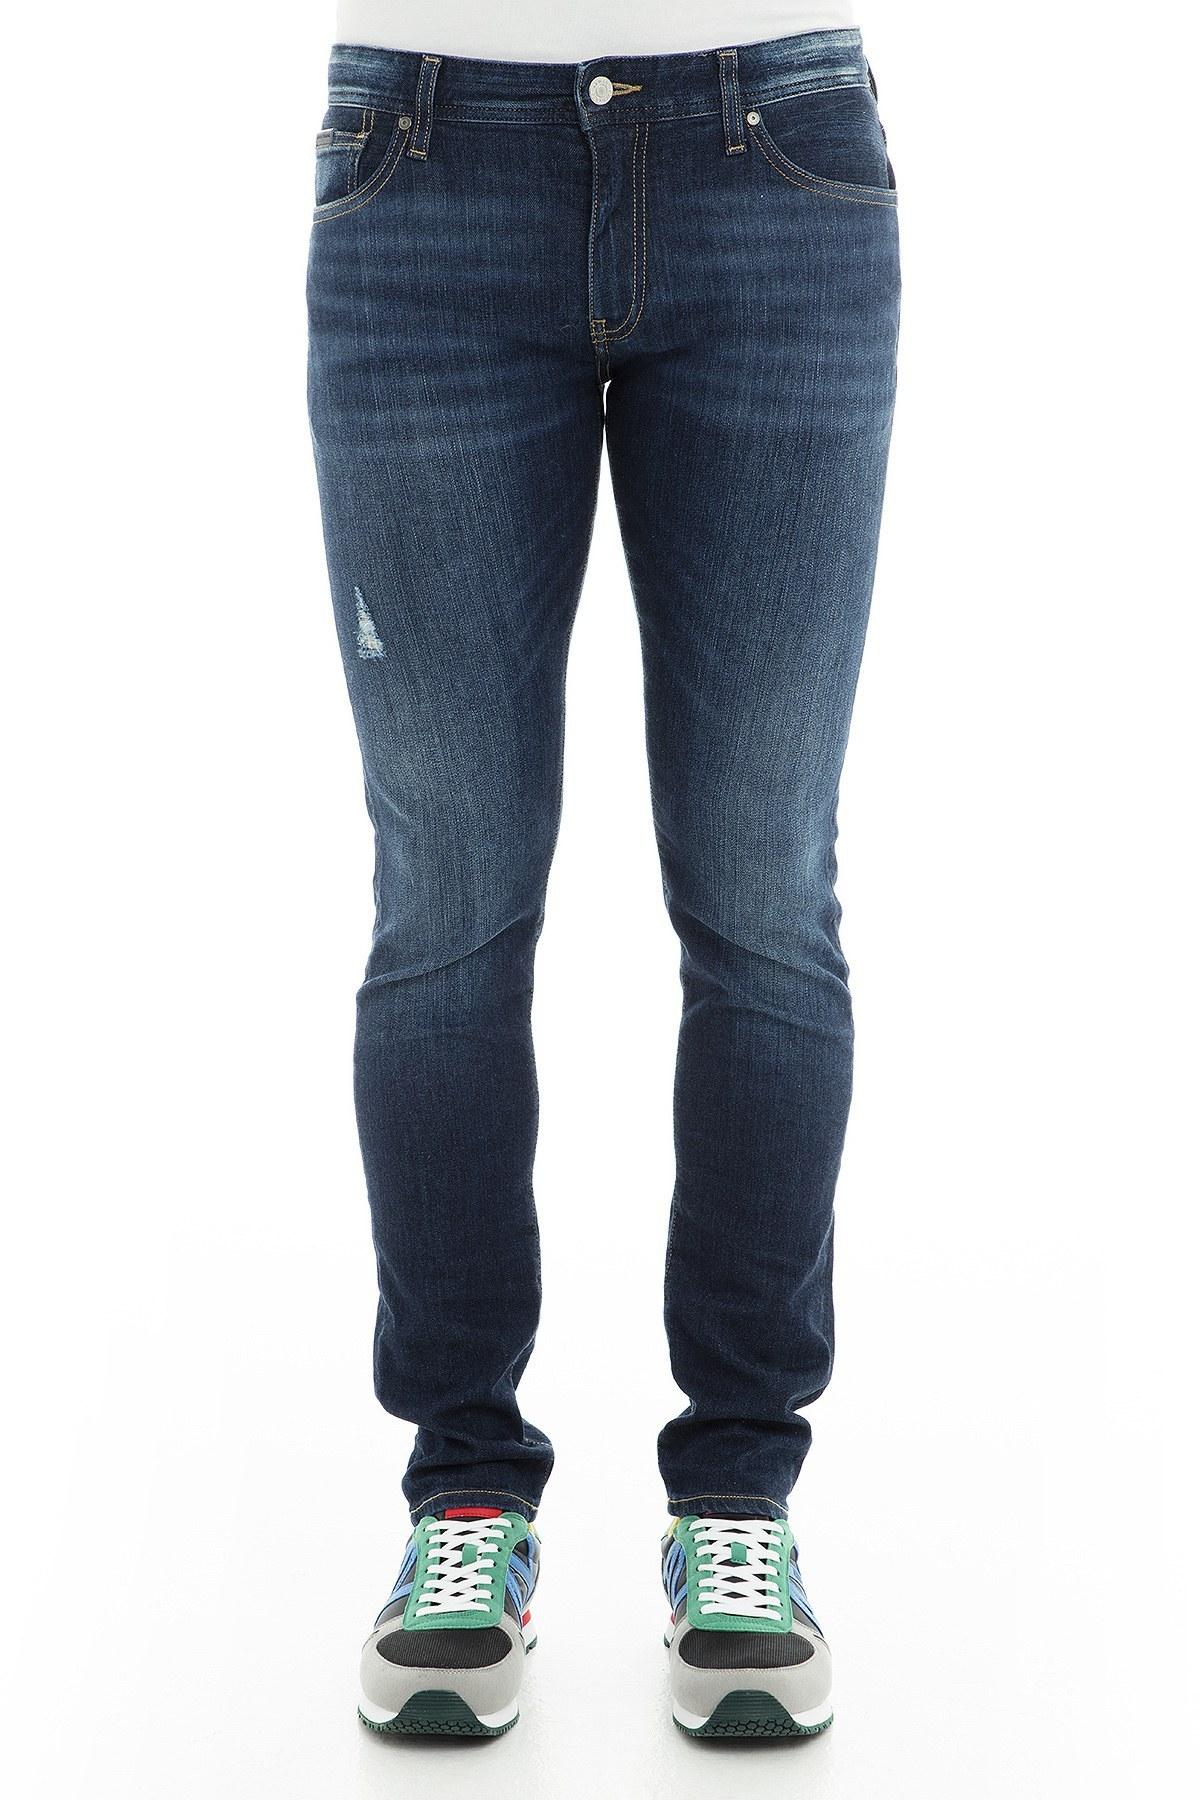 Armani Exchange J14 Jeans Erkek Kot Pantolon 3GZJ14 Z1QDZ 1500 İNDİGO